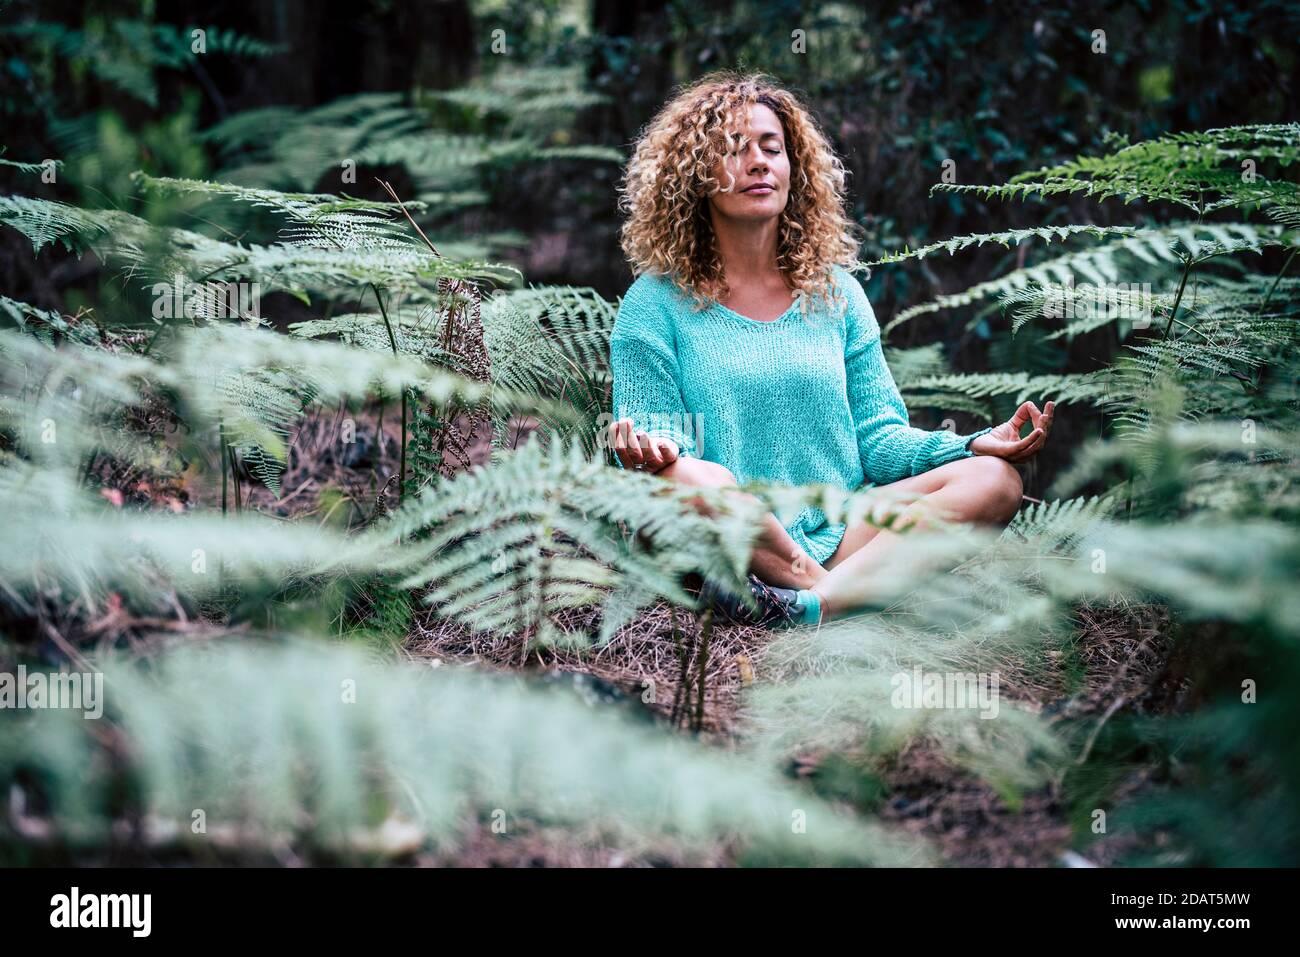 Détendue belle dame ne méditation assis au milieu de nature plante en plein air - les gens en pleine conscience méditent l'activité en appréciant extérieur naturel Banque D'Images